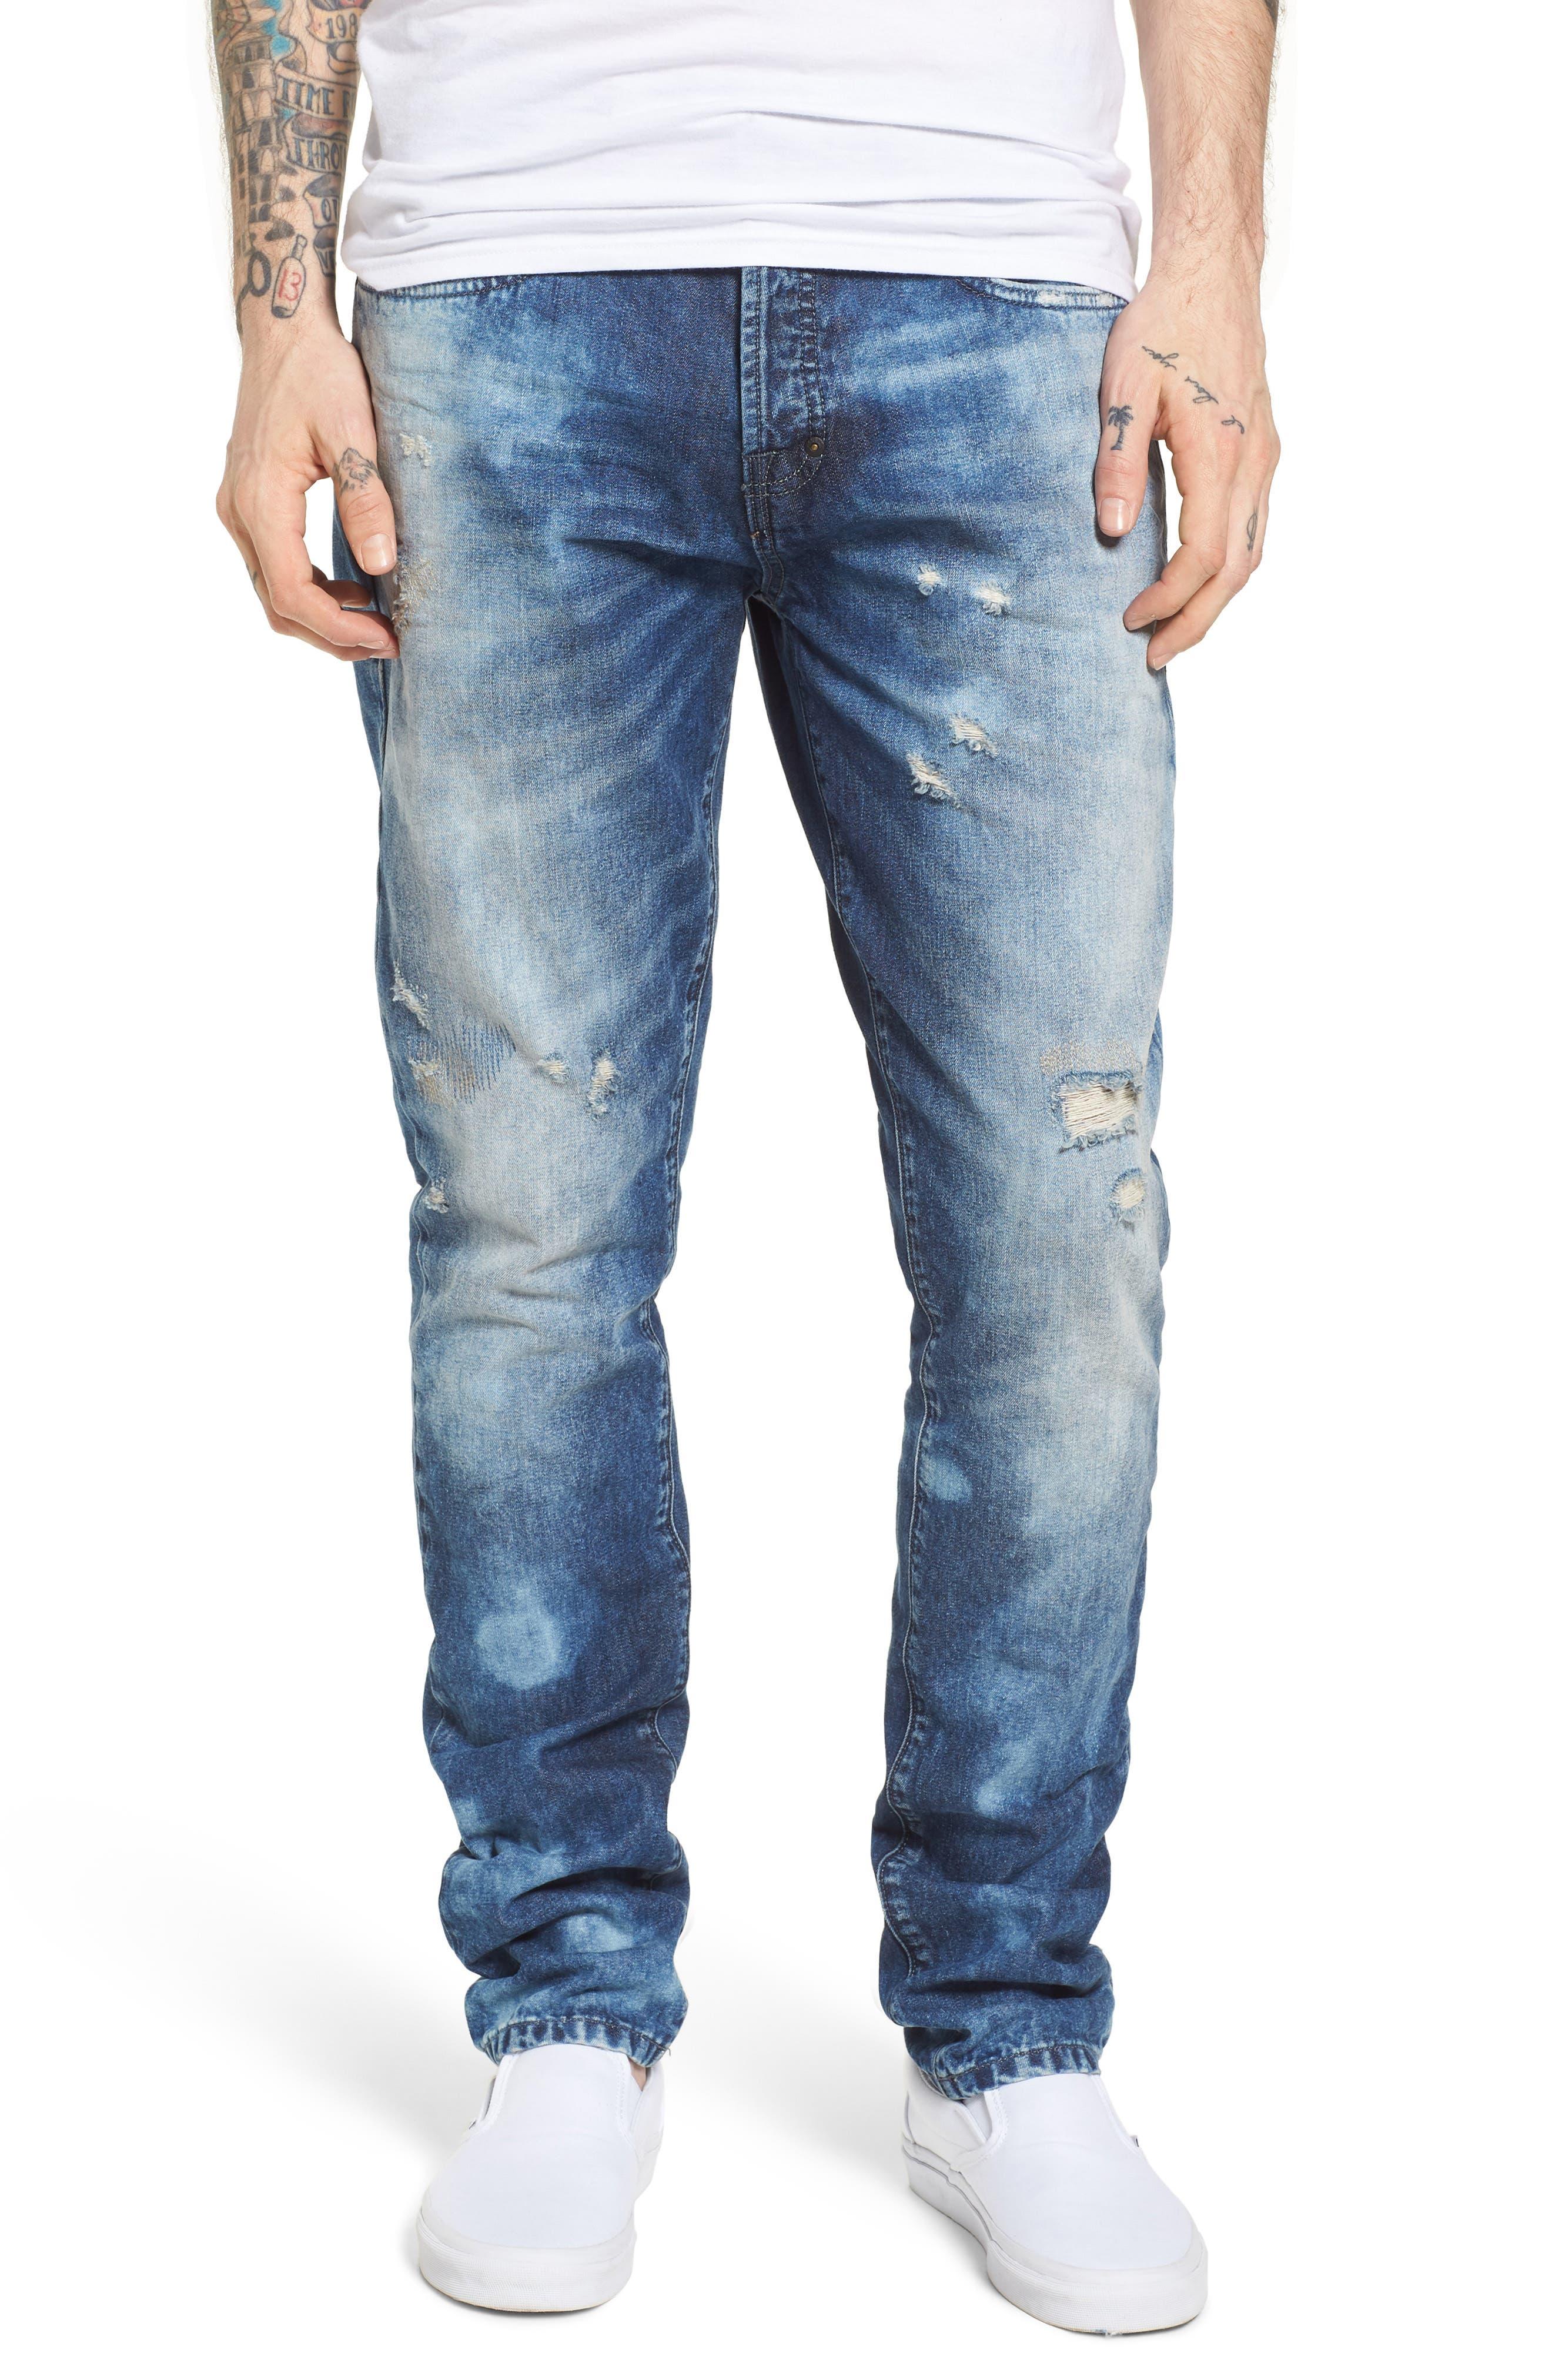 Le Sabre Slim Fit Jeans,                         Main,                         color, 496